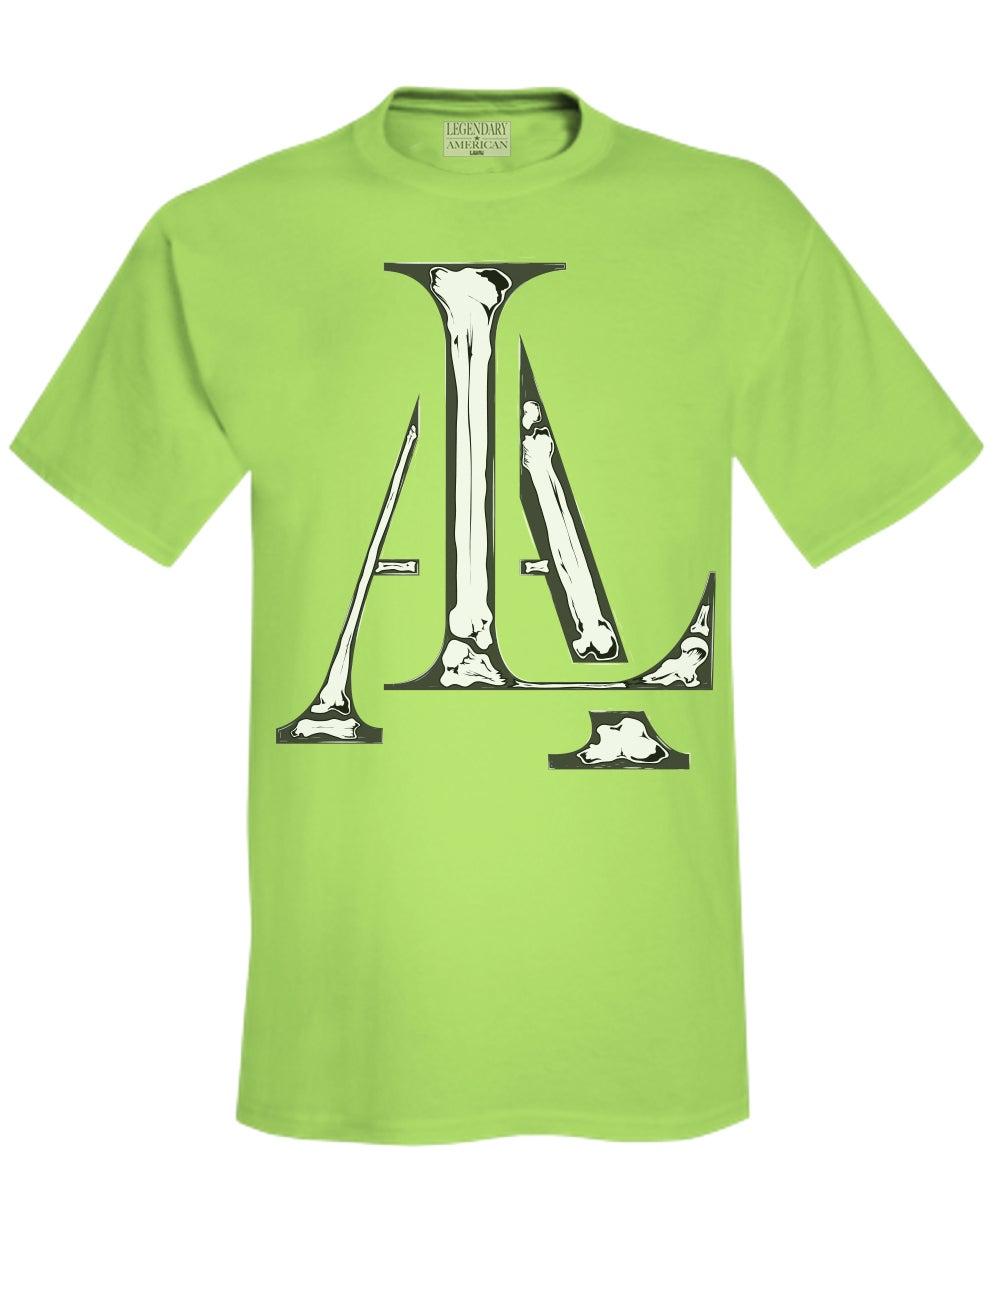 Image of Legendary American LA Bones tee in green